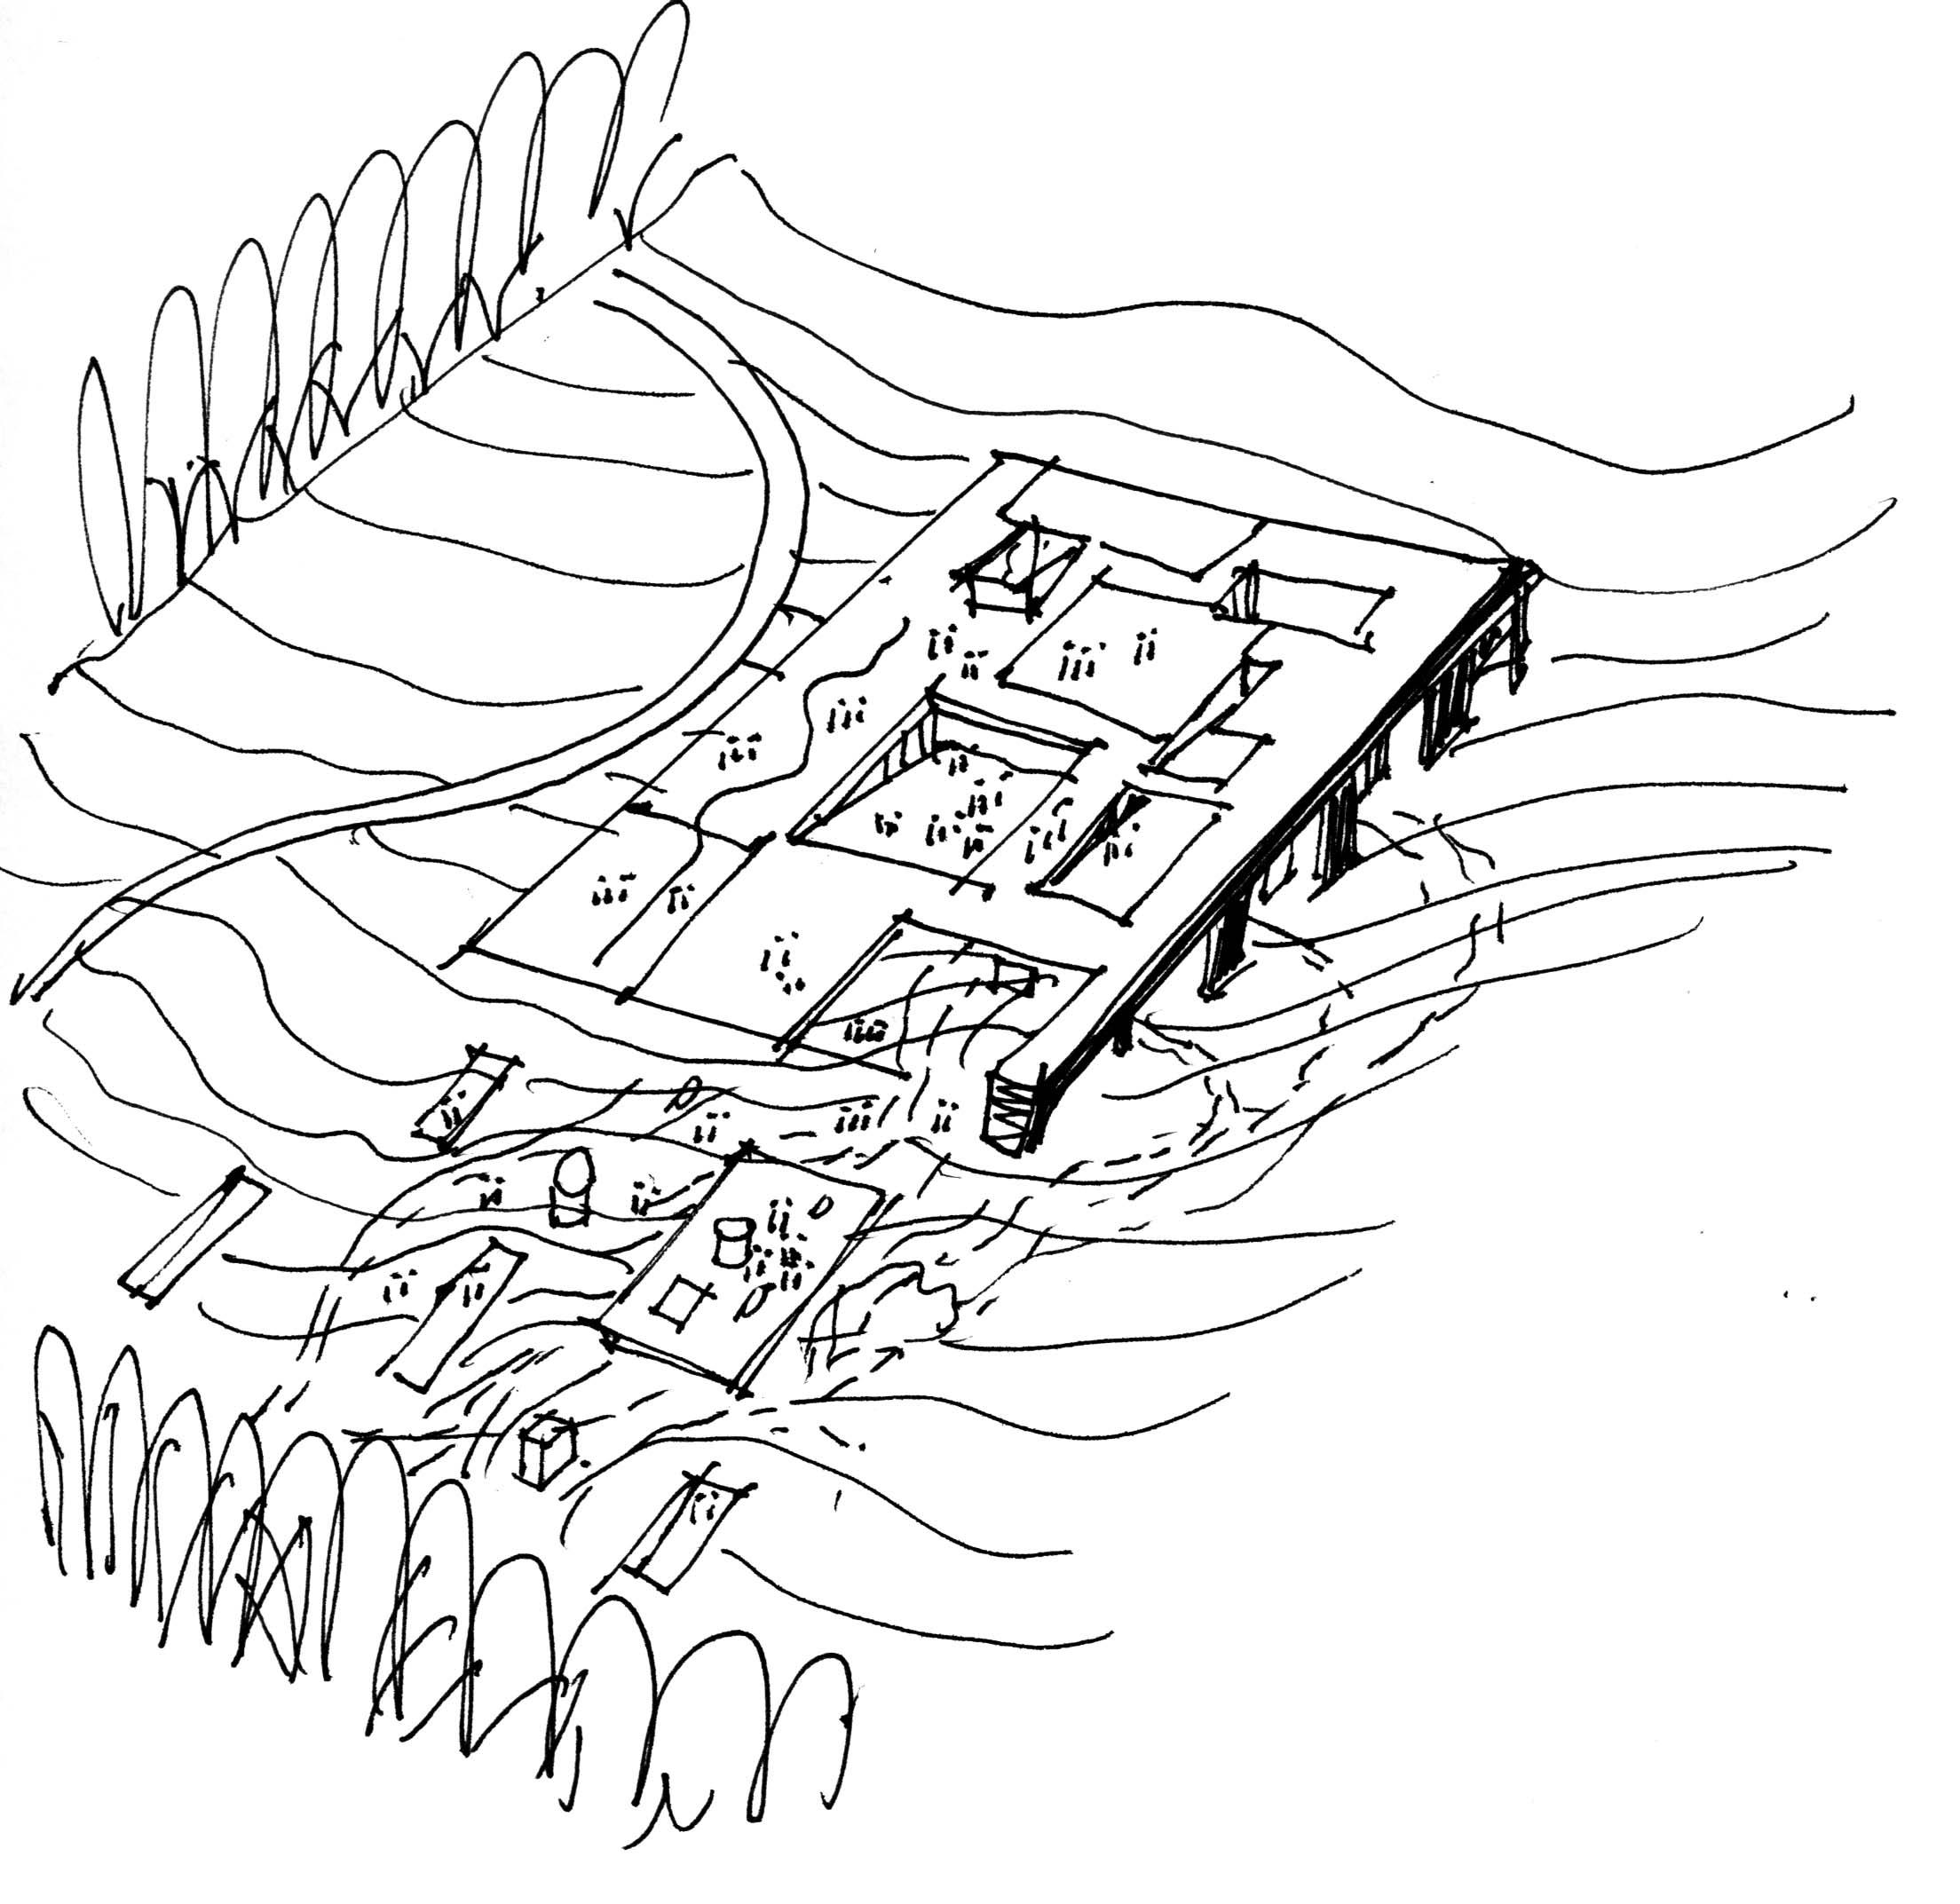 〔안정원의 건축 칼럼〕 자연 속에 건축을 숨기는 경사지붕의 특별한 건축방식 엿보기 3